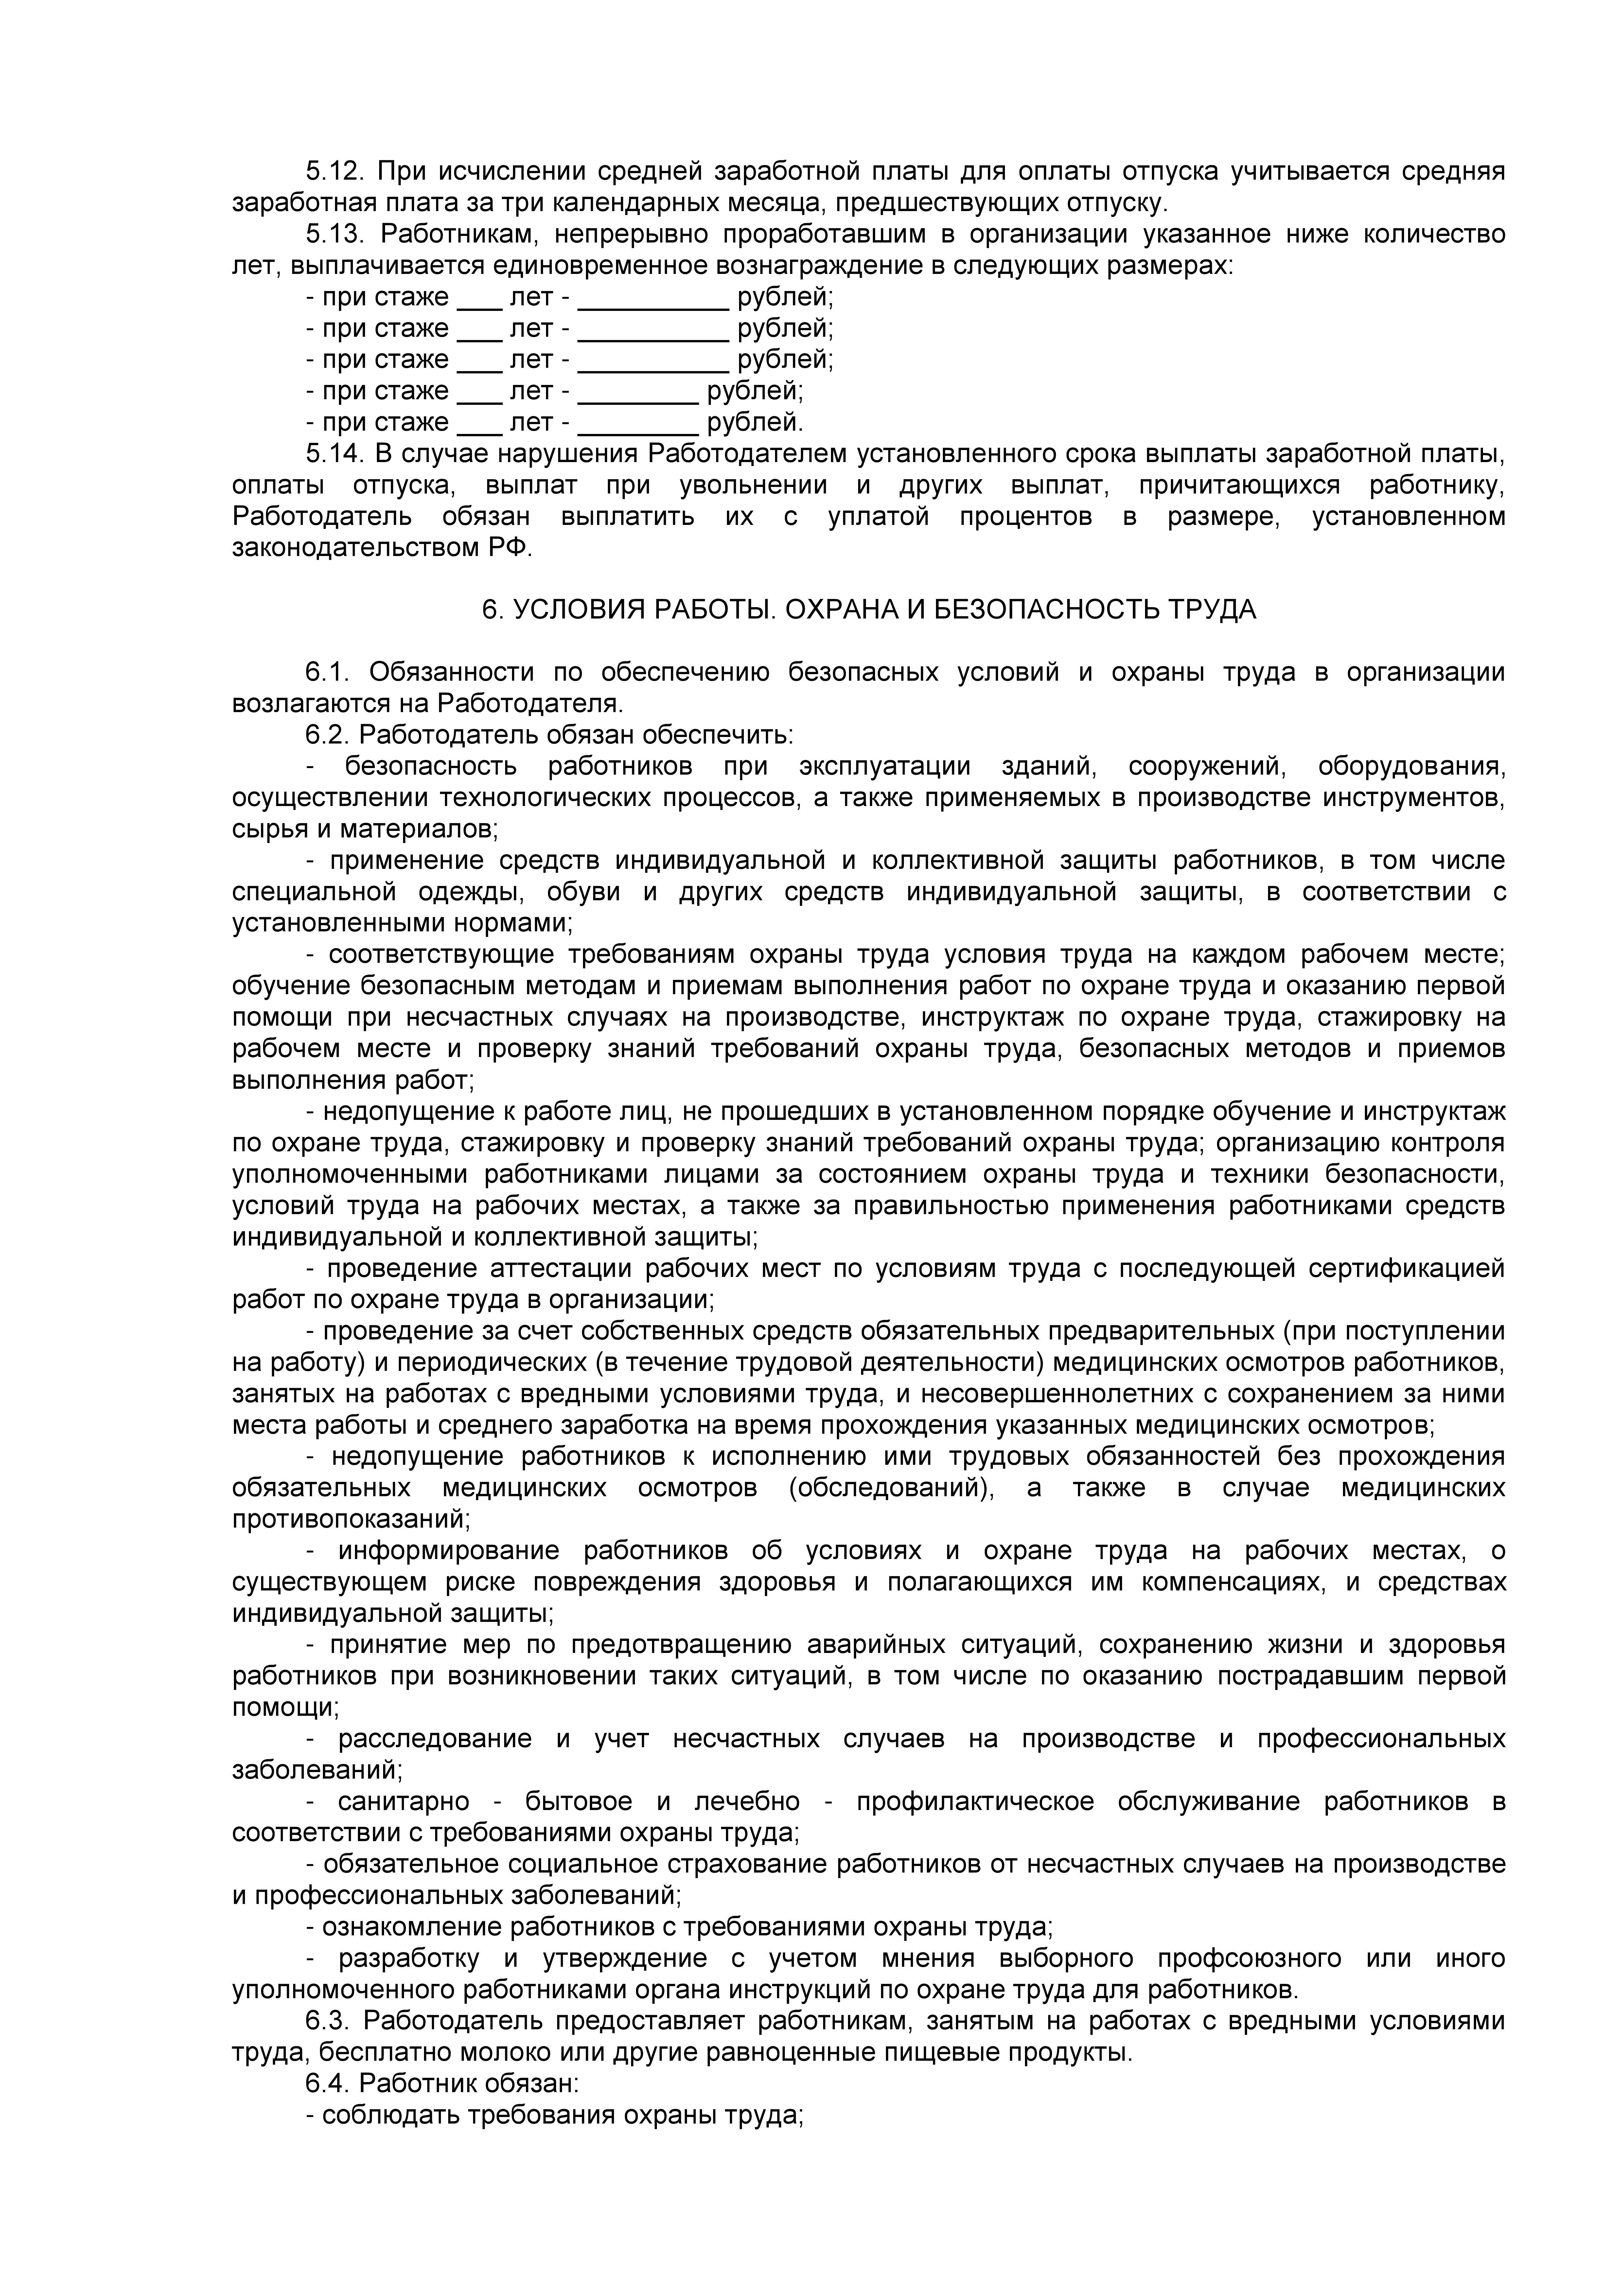 Главный врач фбуз центр гигиены и эпидемиологии г москвы